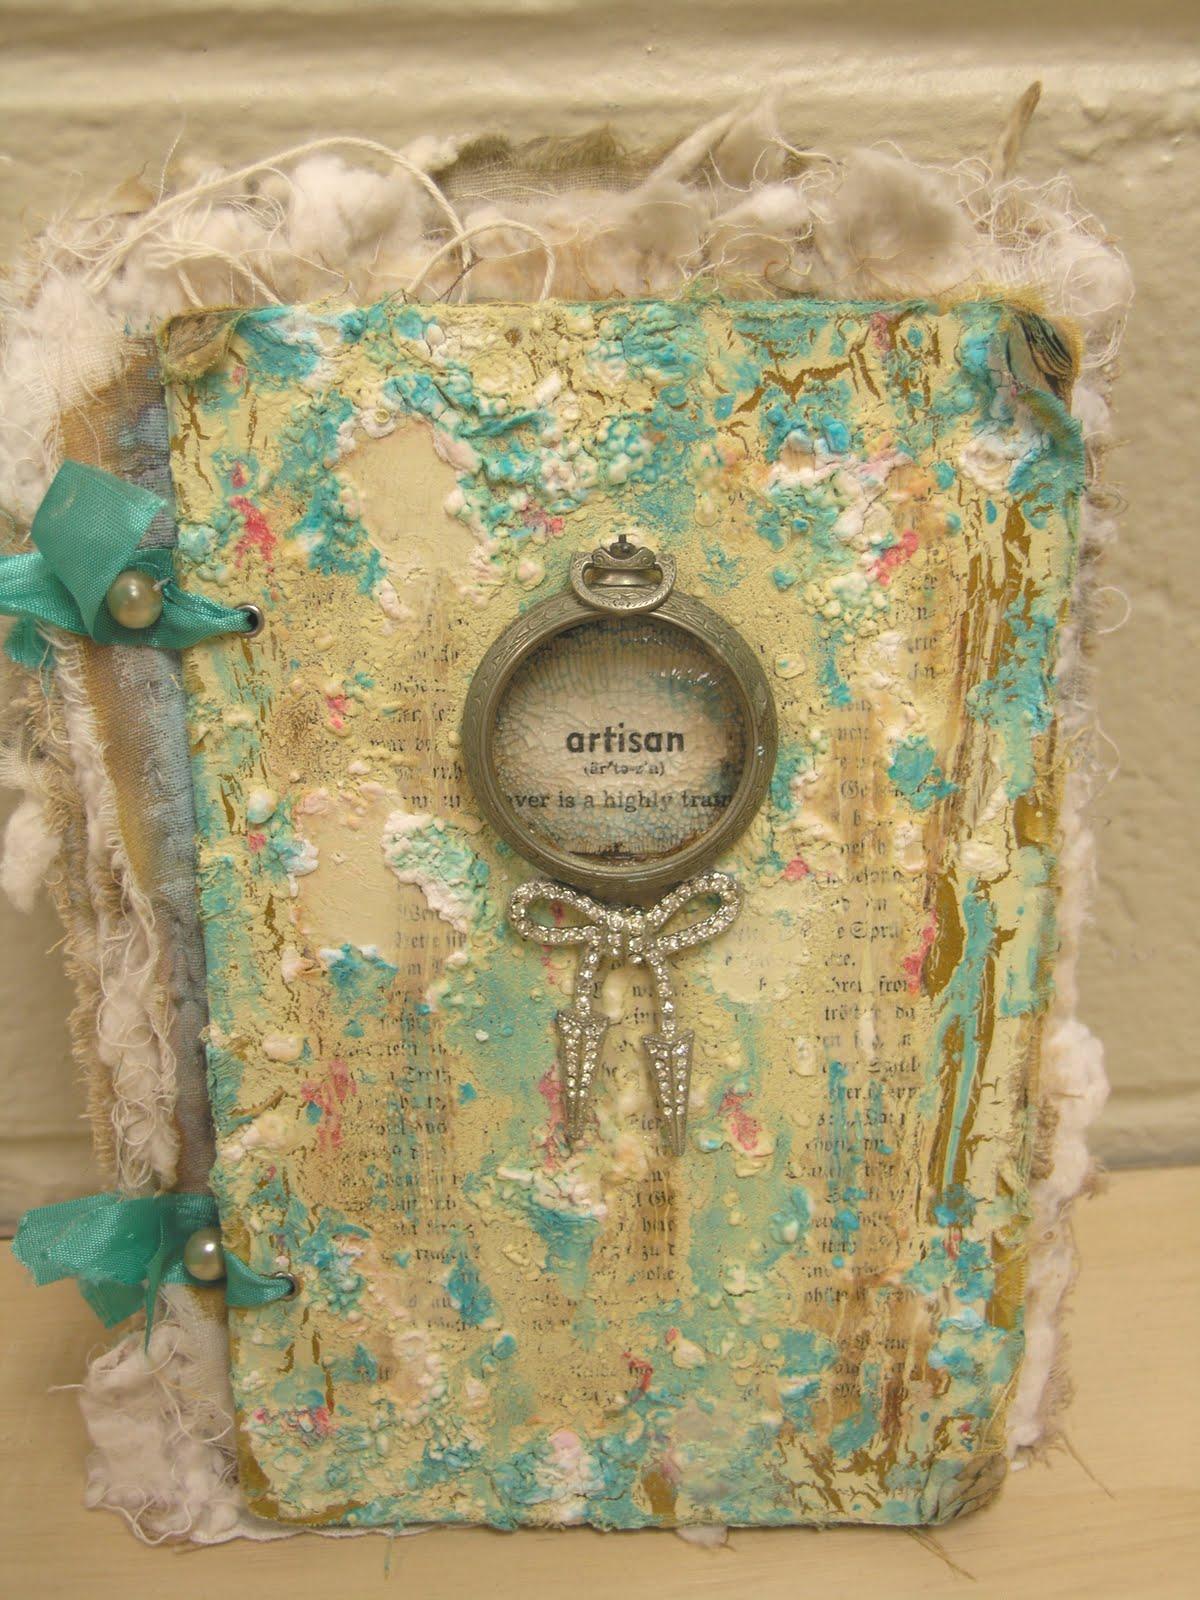 vintiquities  artisan fabric art journal